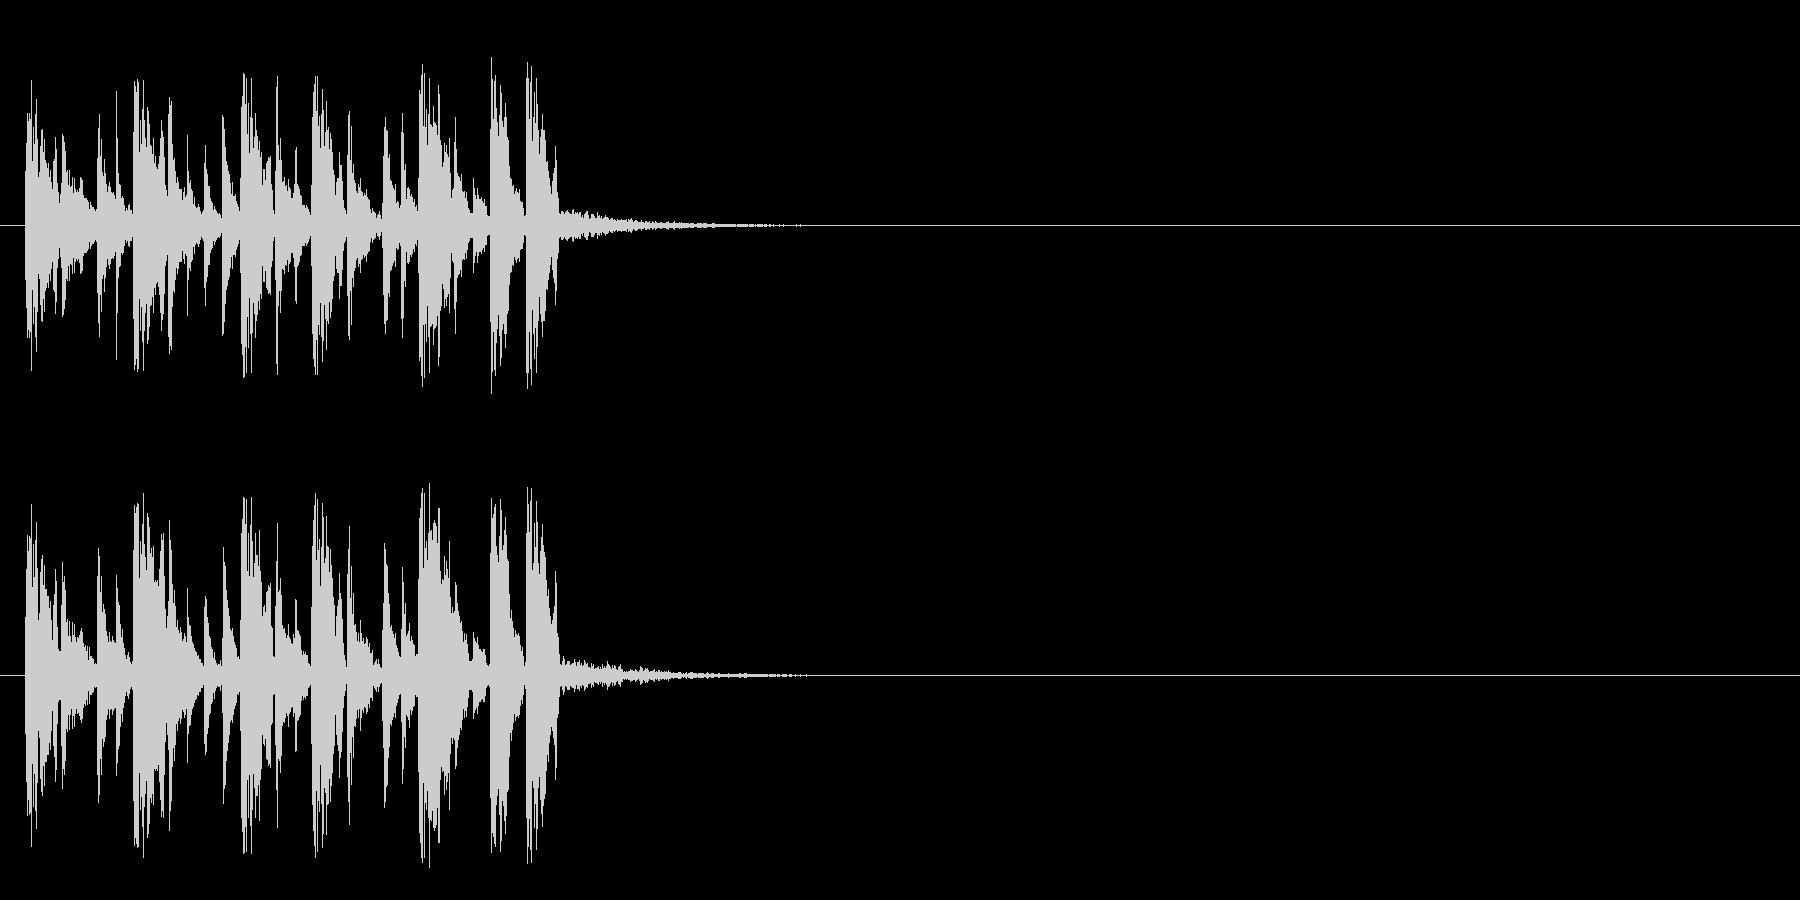 ジングル/テクノ(バラエティー風)の未再生の波形